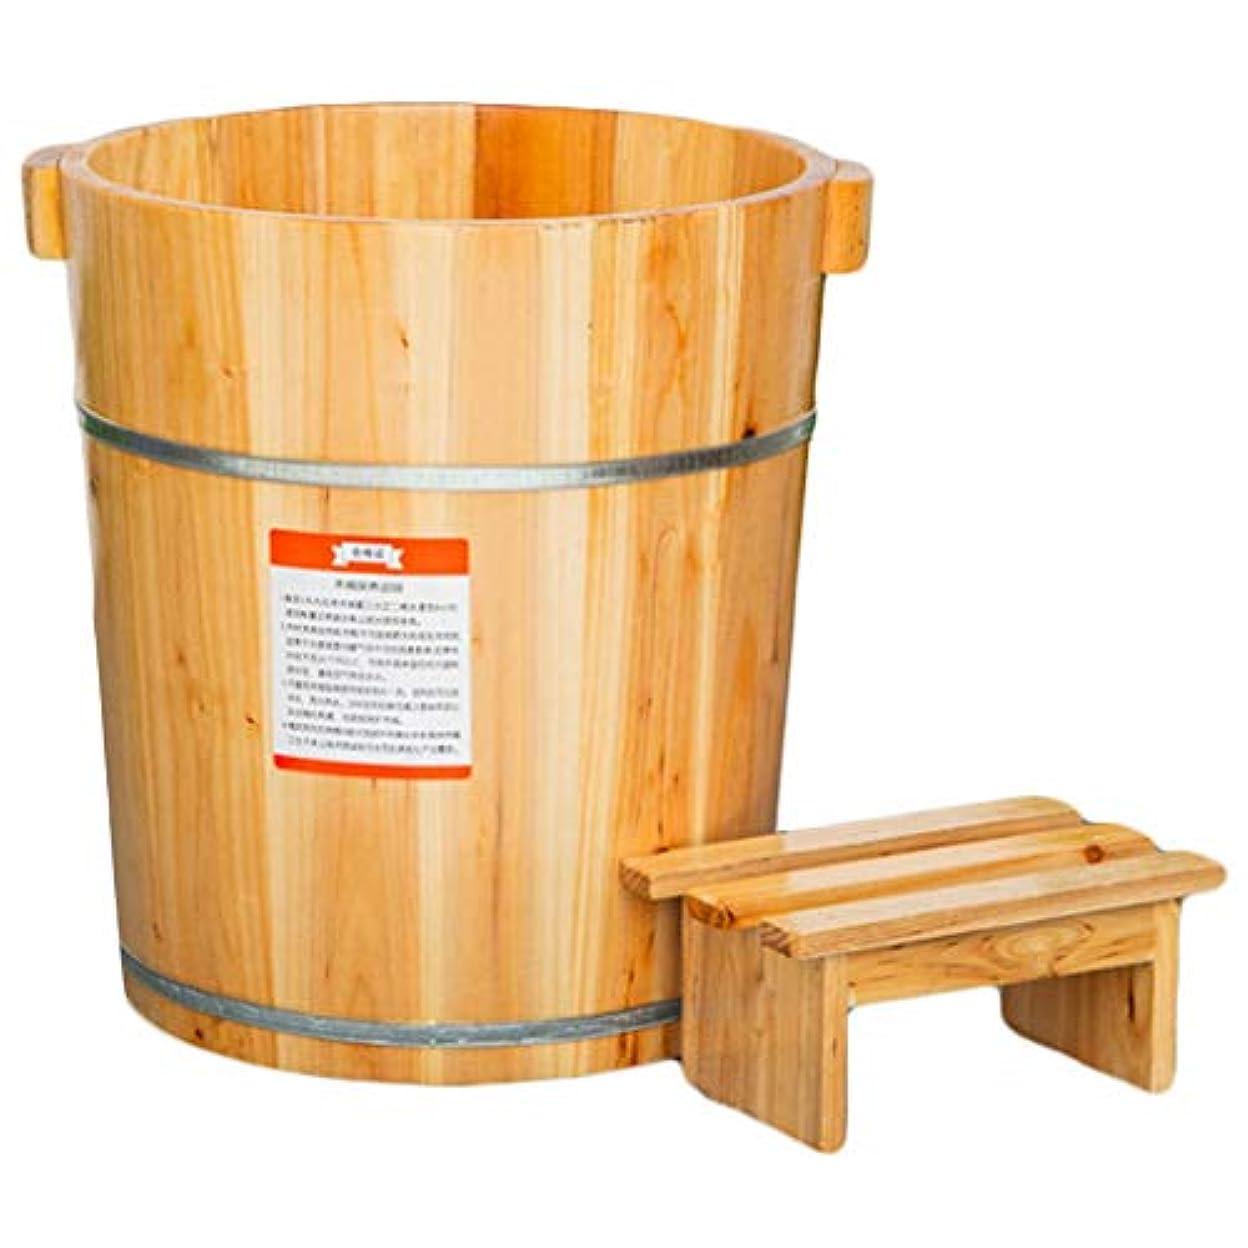 酔って関連付ける診断するフットウォッシュ木製フットバスマッサージフットバスのペディキュア樽ハイ深蓋スツール木製足浴槽の足流域の世帯